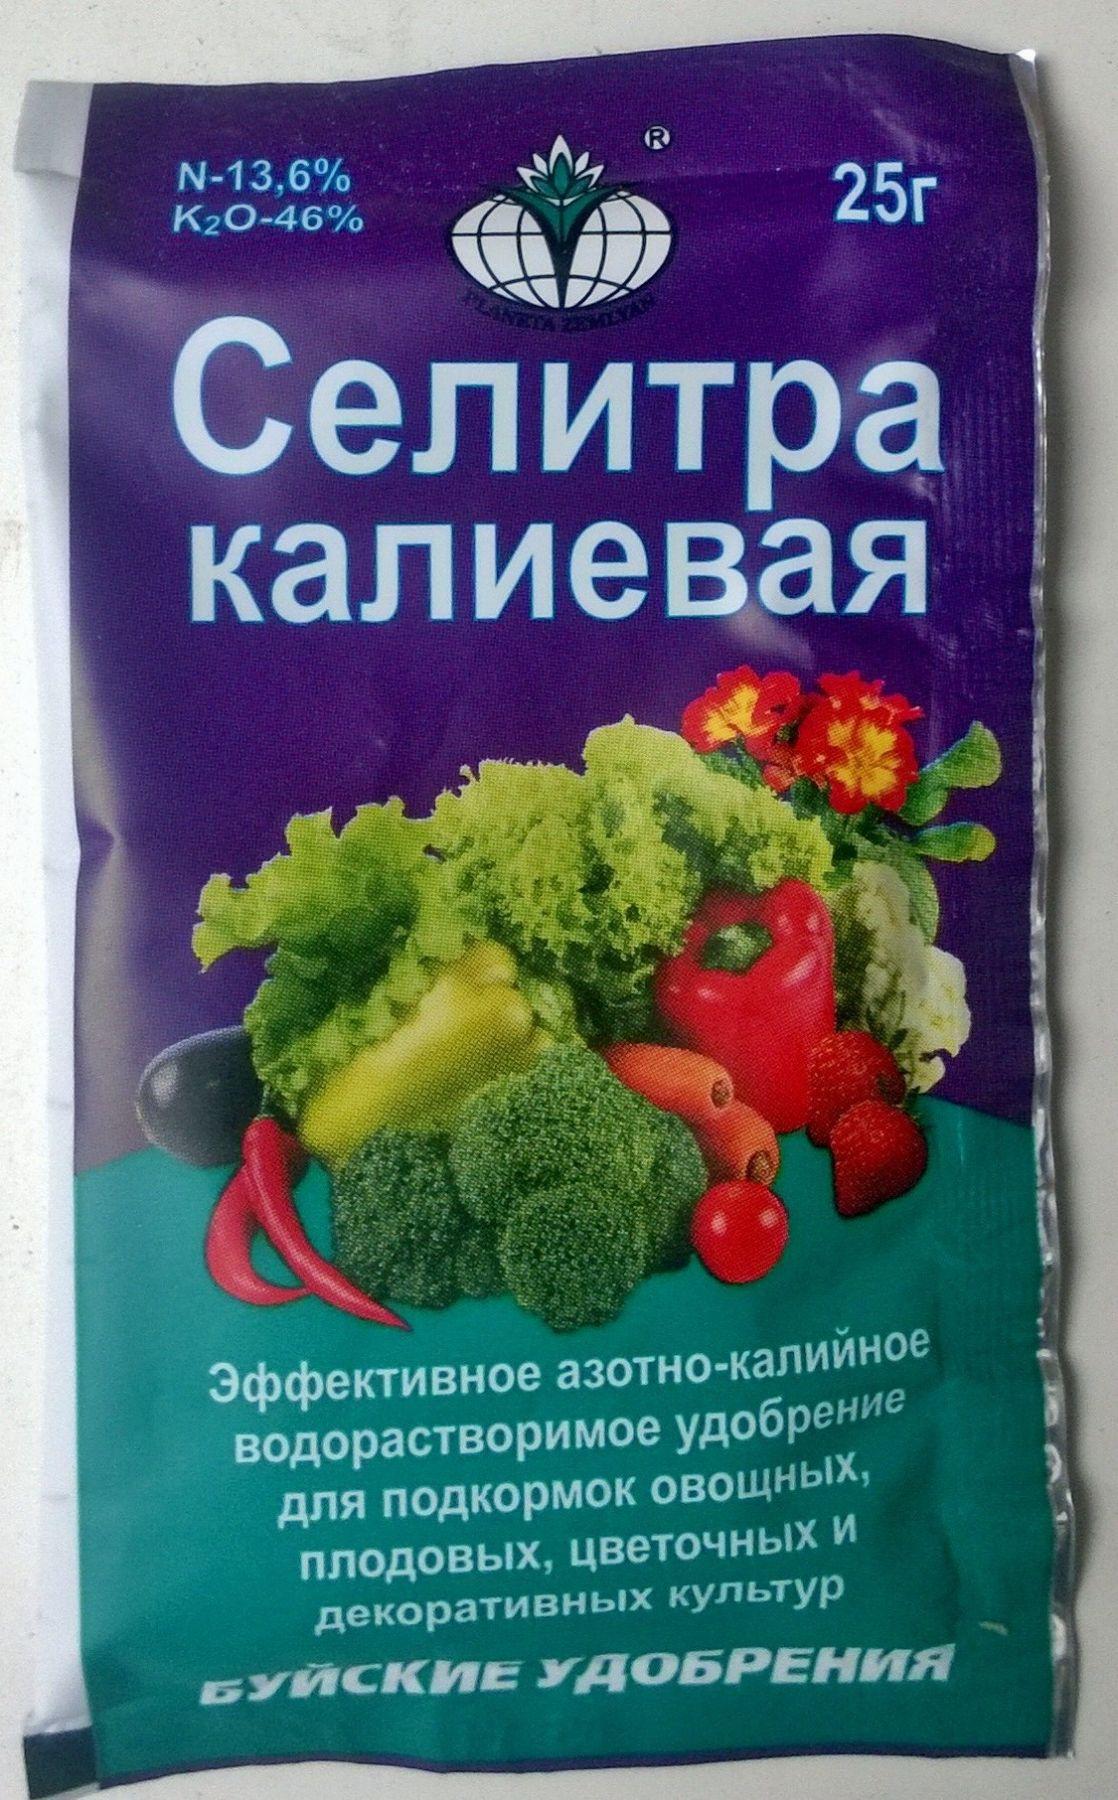 поэтому селитра калиевая применение в садоводстве натуральные материалы известны